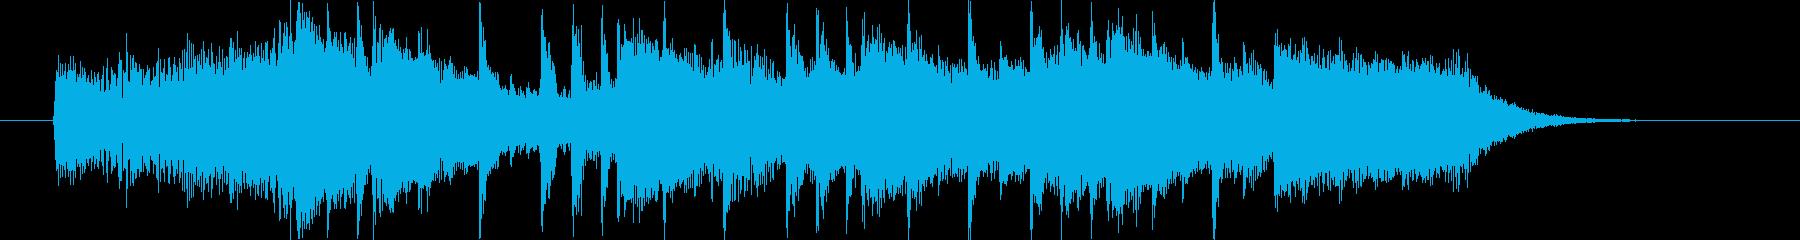 壮大な風景のイメージの15秒ジングルの再生済みの波形